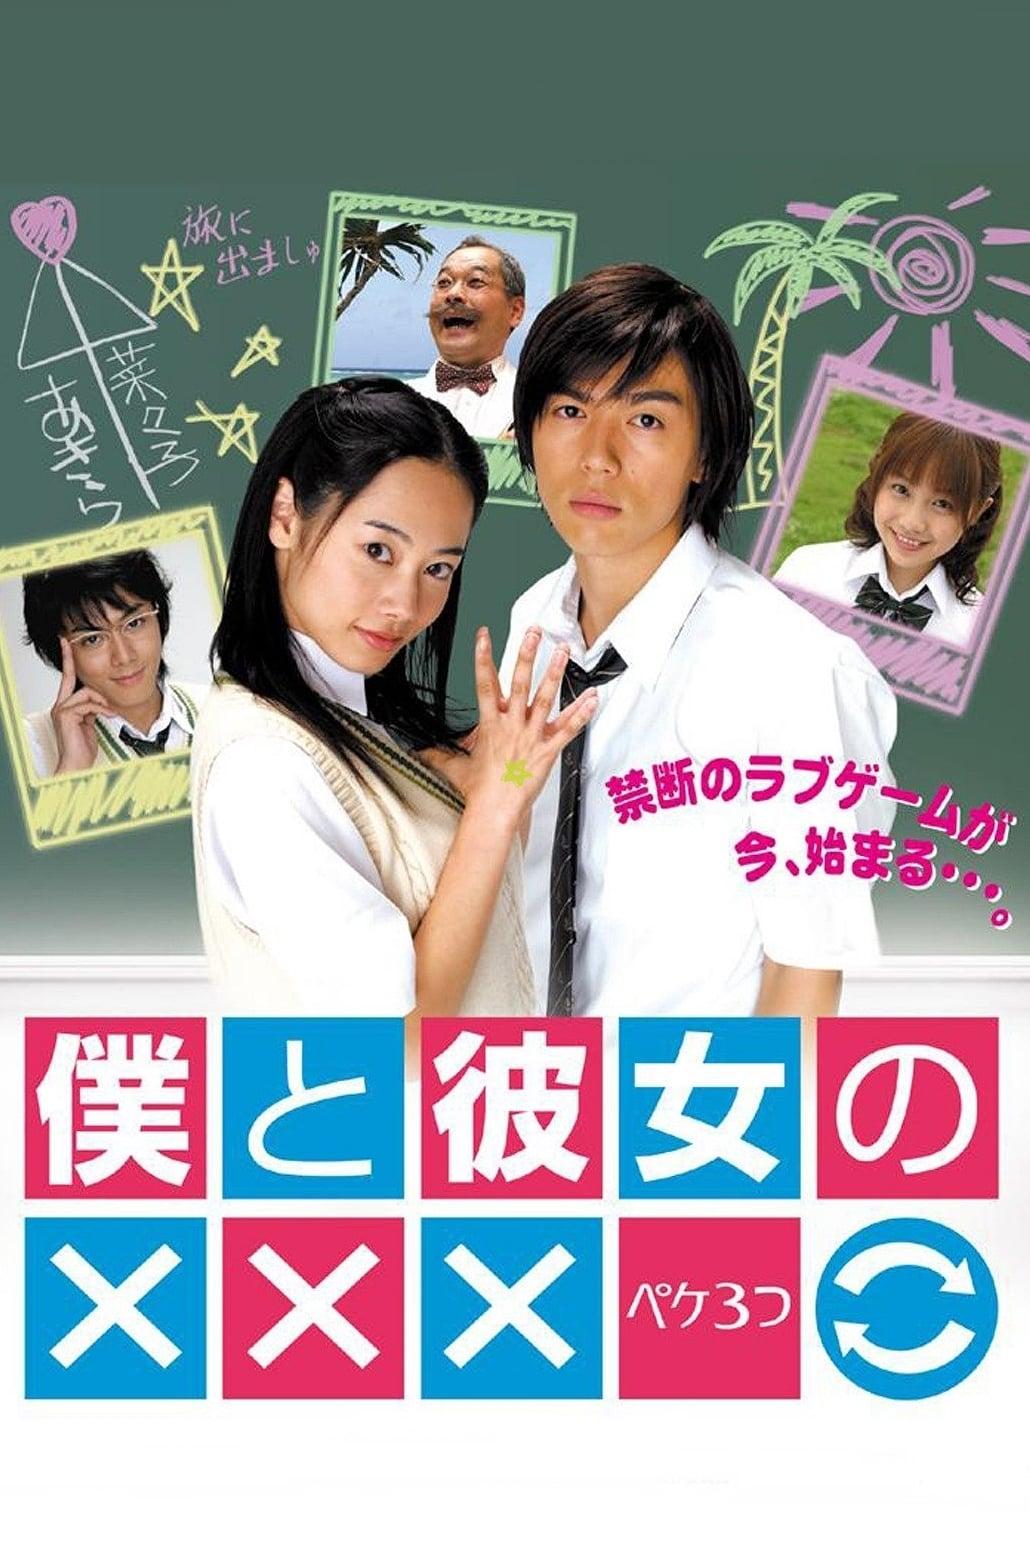 Nonton anime Boku to Kanojo no XXX Sub Indo